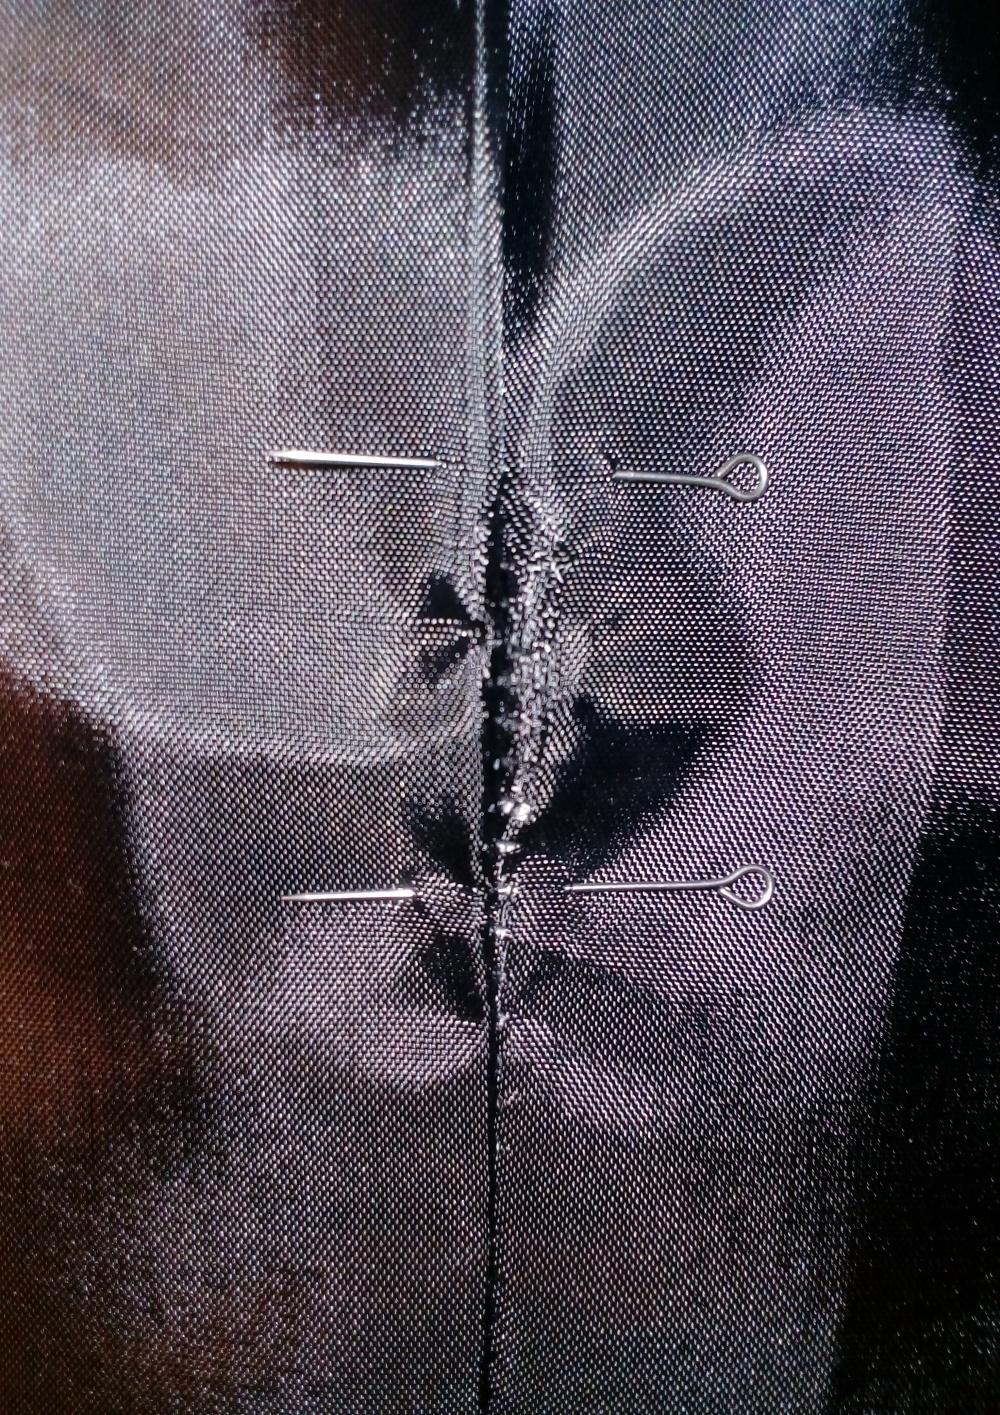 Тренч Tommy Hilfiger, чёрный в мелкий горошек, размер М